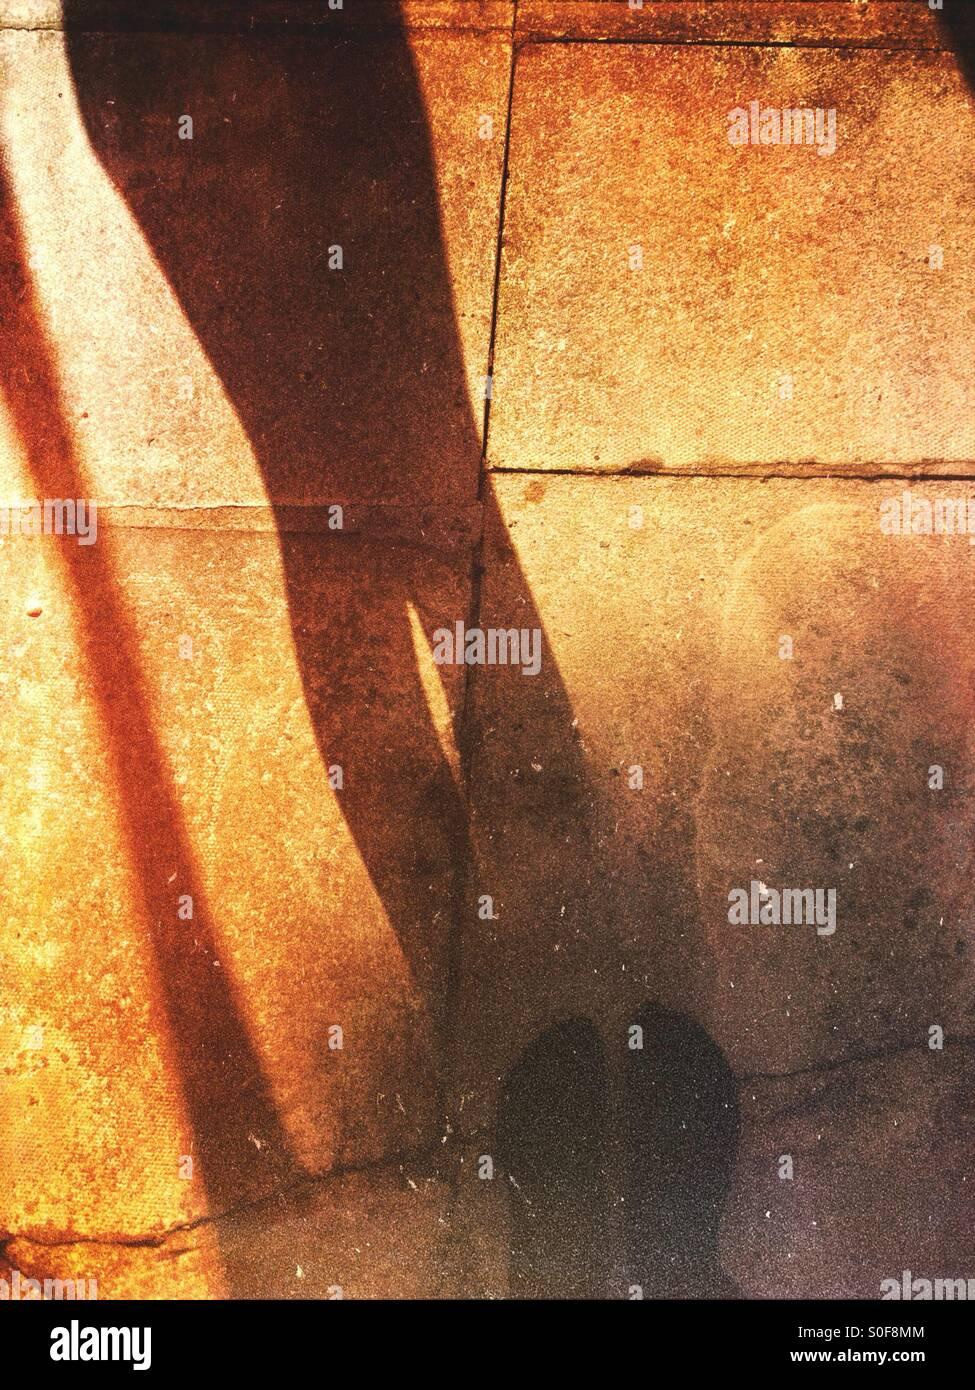 Schatten einer Person Stockbild